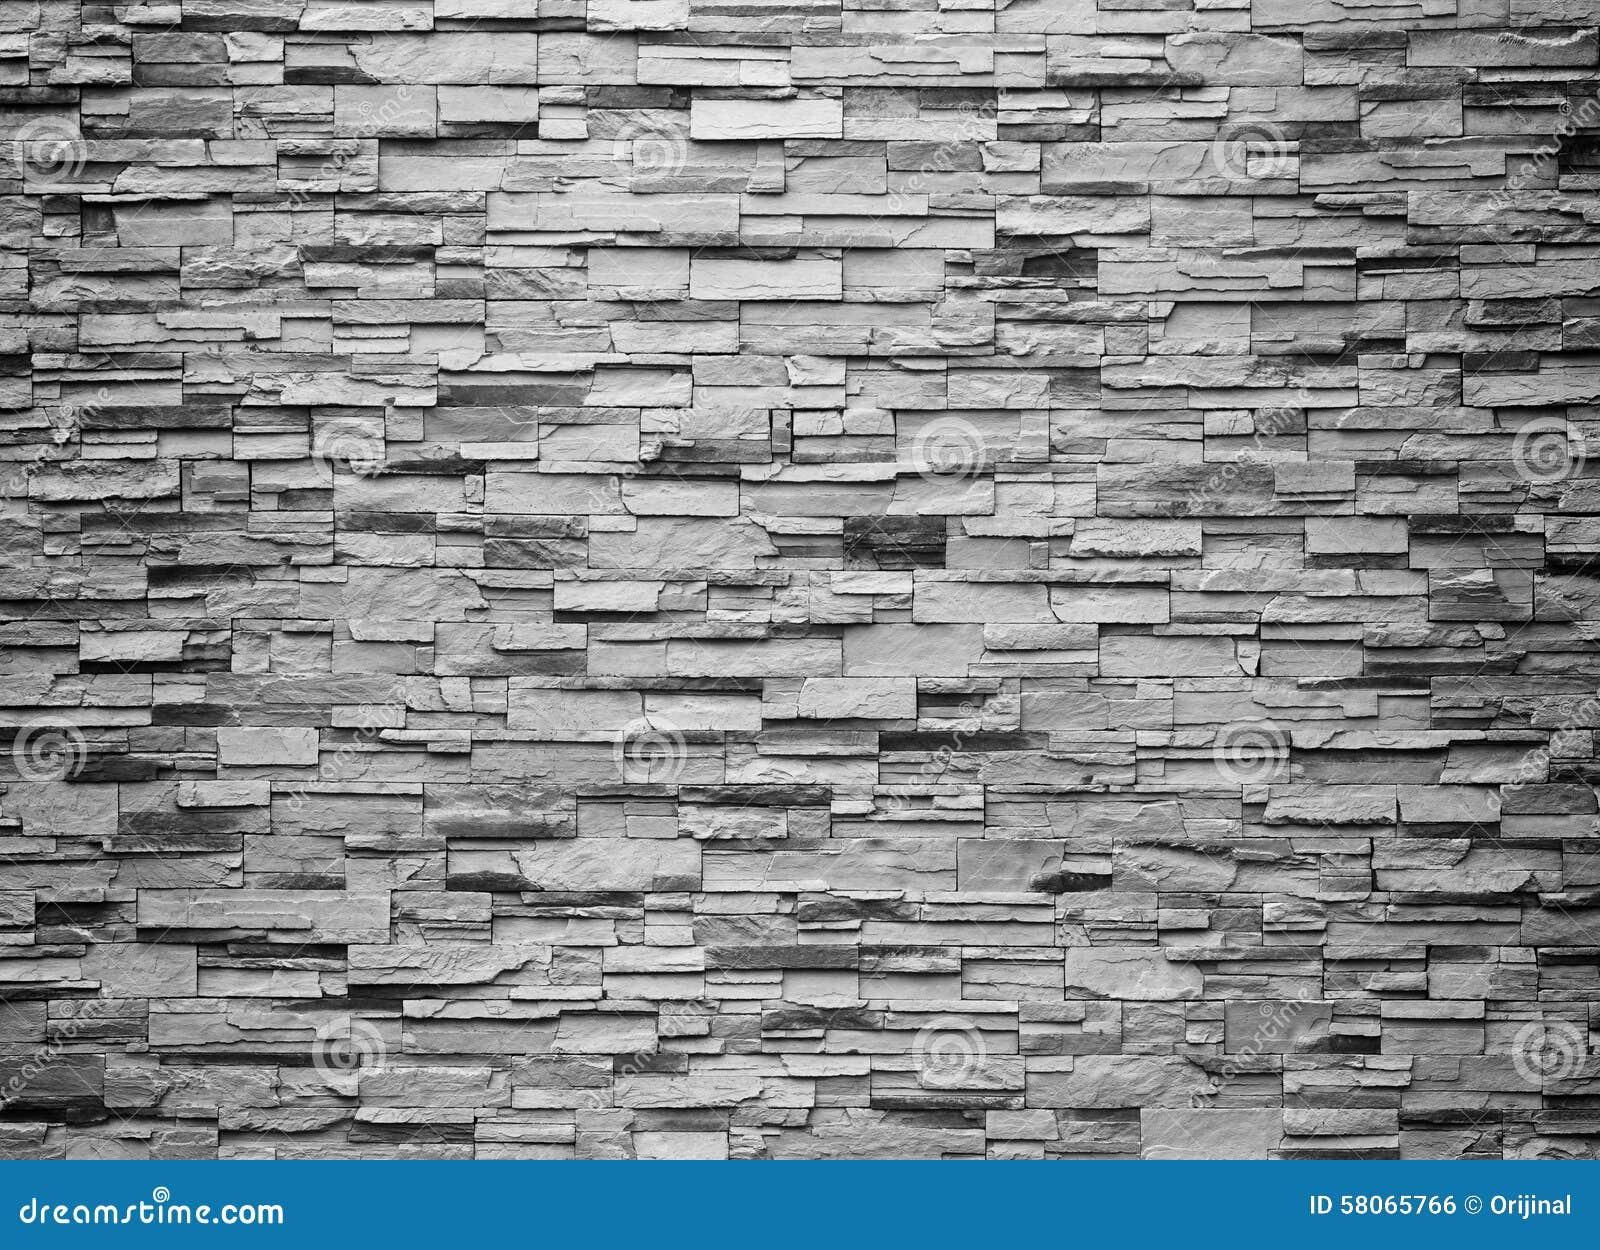 Textura de la pared de piedra para el fondo foto de for Textura de pared